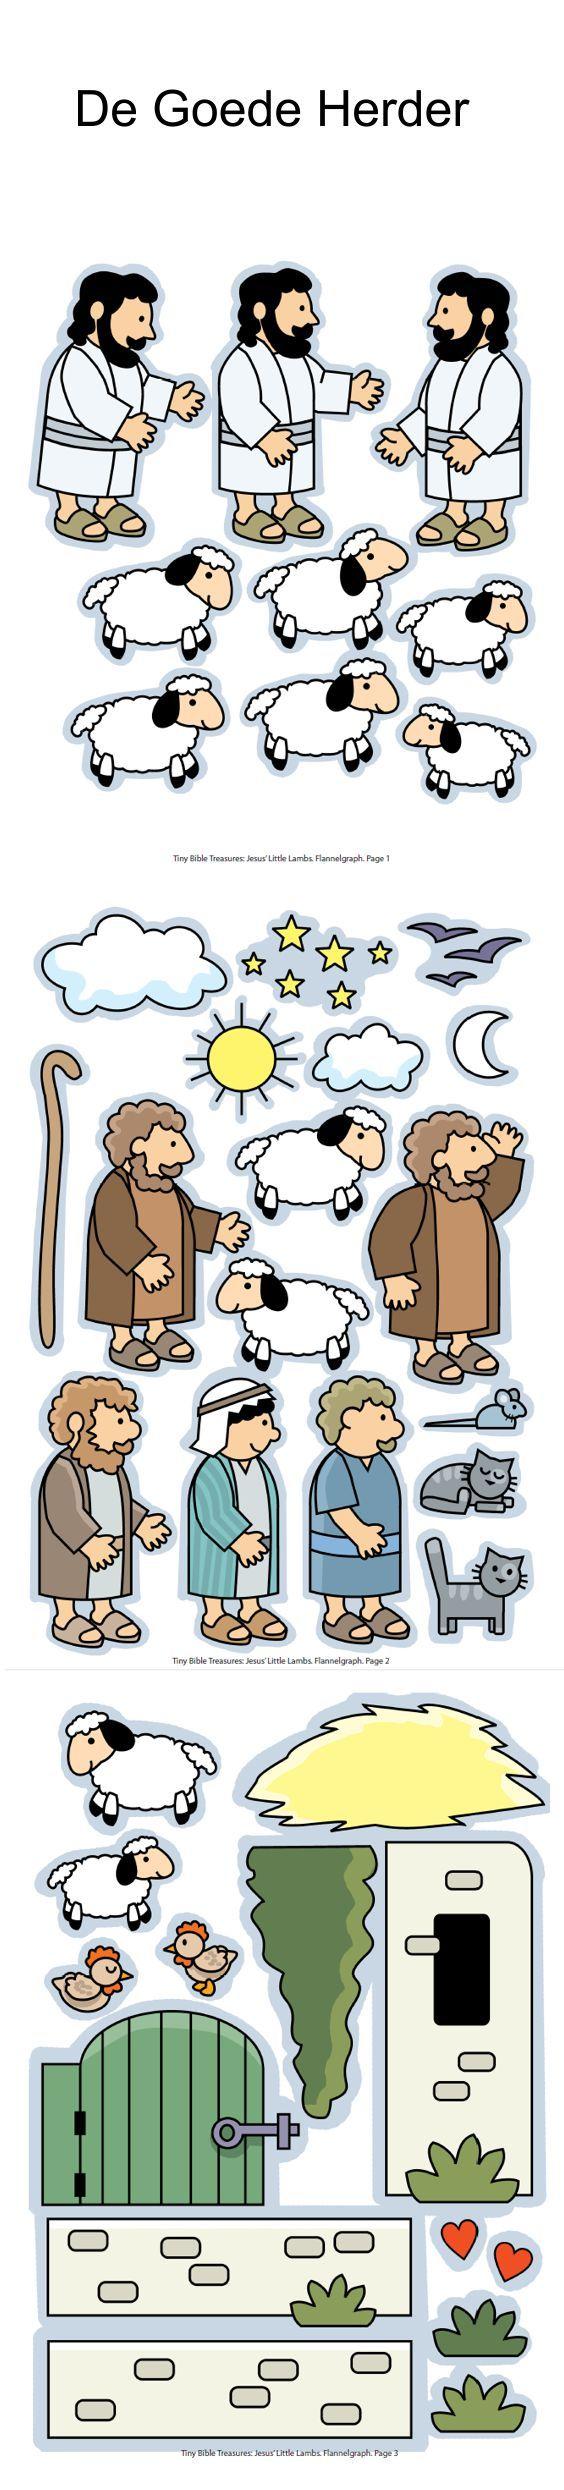 De Goede Herder en het verloren schaap, flanelplaten voor kleuters, kleuteridee.nl , The Good Shepherd, Flannel Bible Sheets, free printable 1